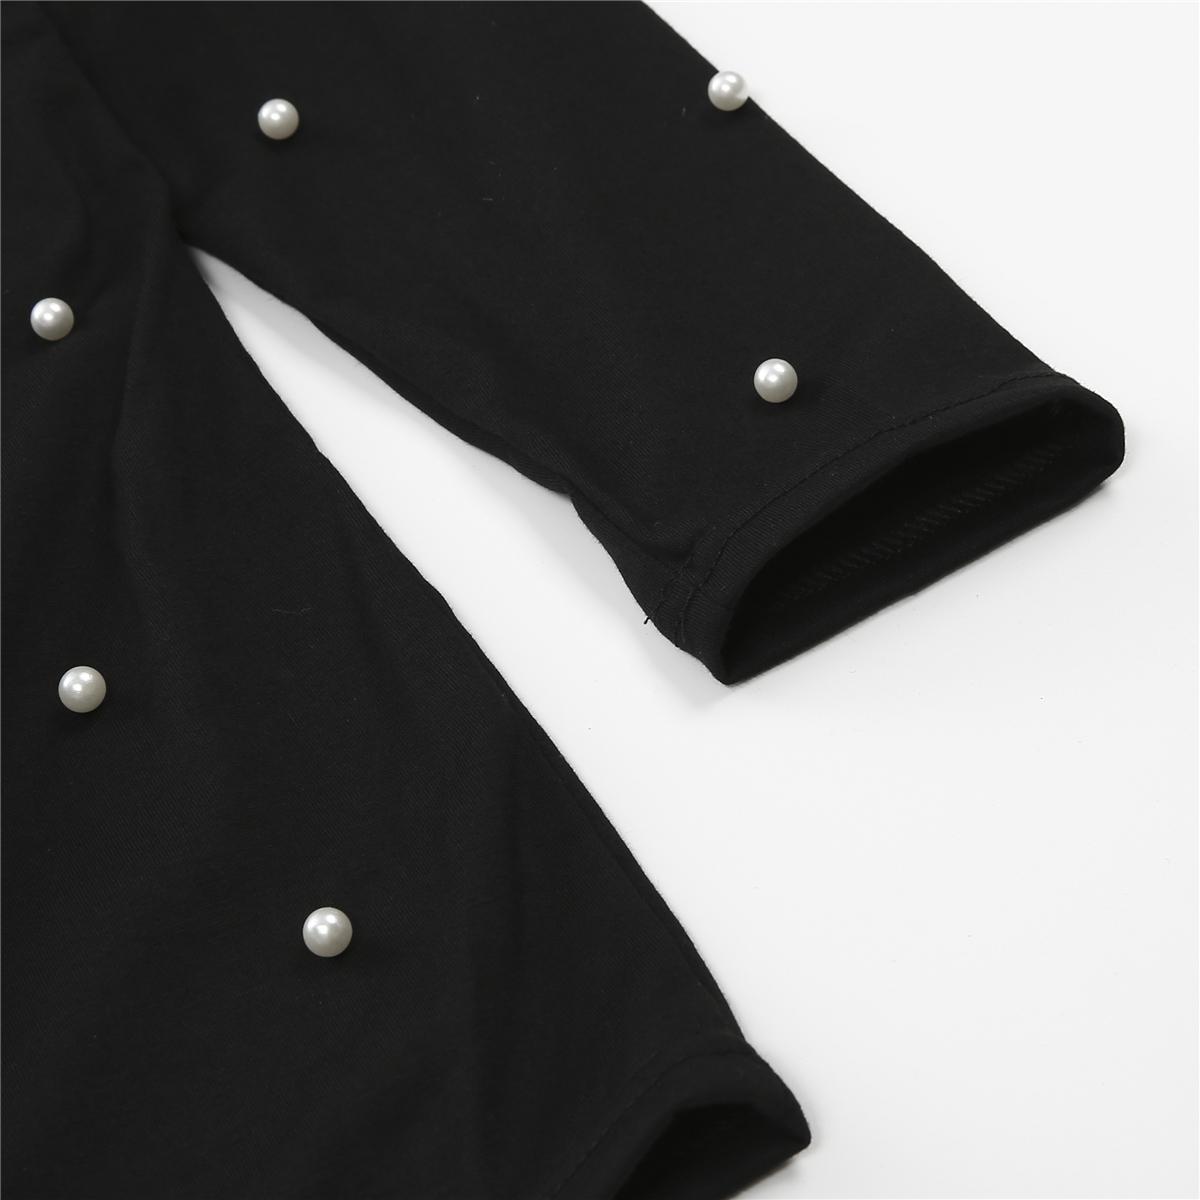 Мода женщины жемчуг бисероплетение V Cut колье повседневная футболка с длинным рукавом топы Cut дамы топы